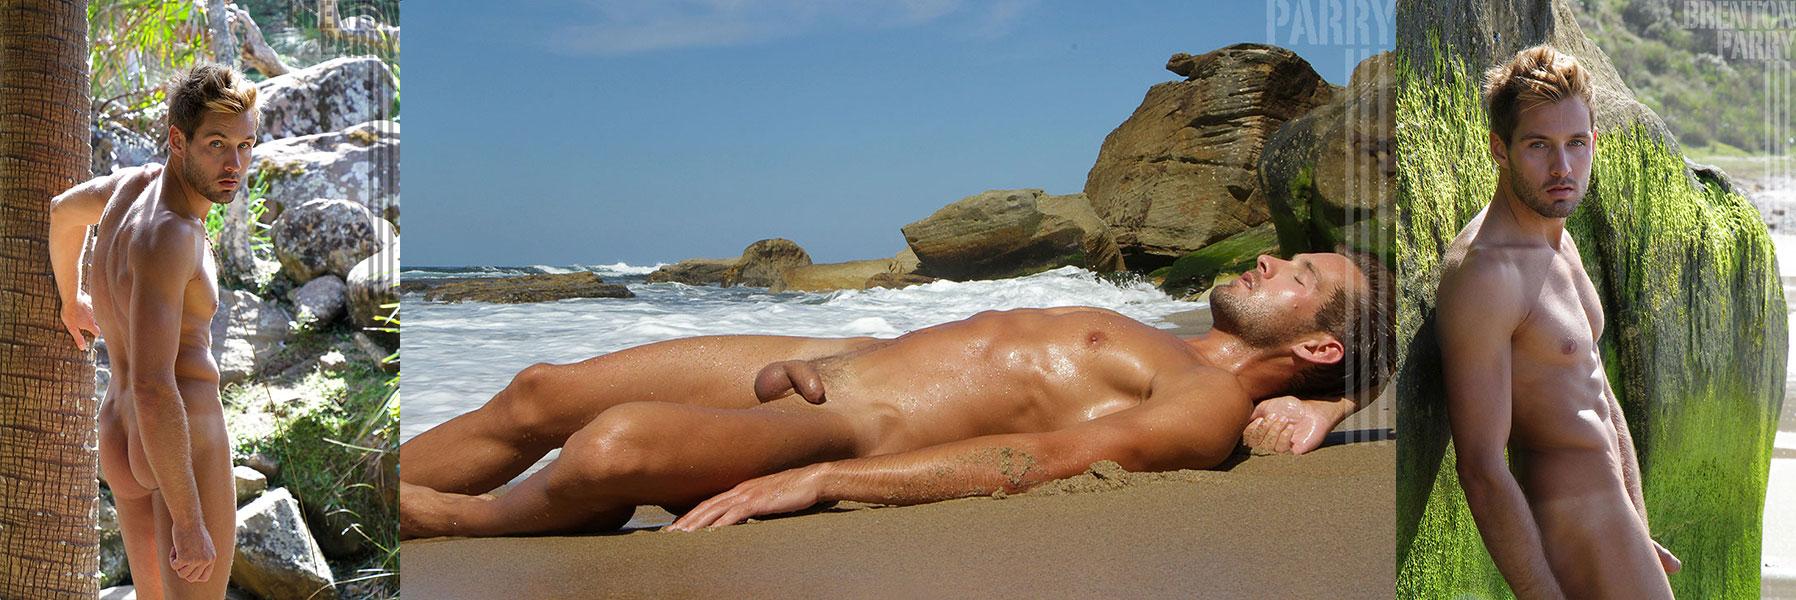 Redhead surf lifesaver eyes.. add